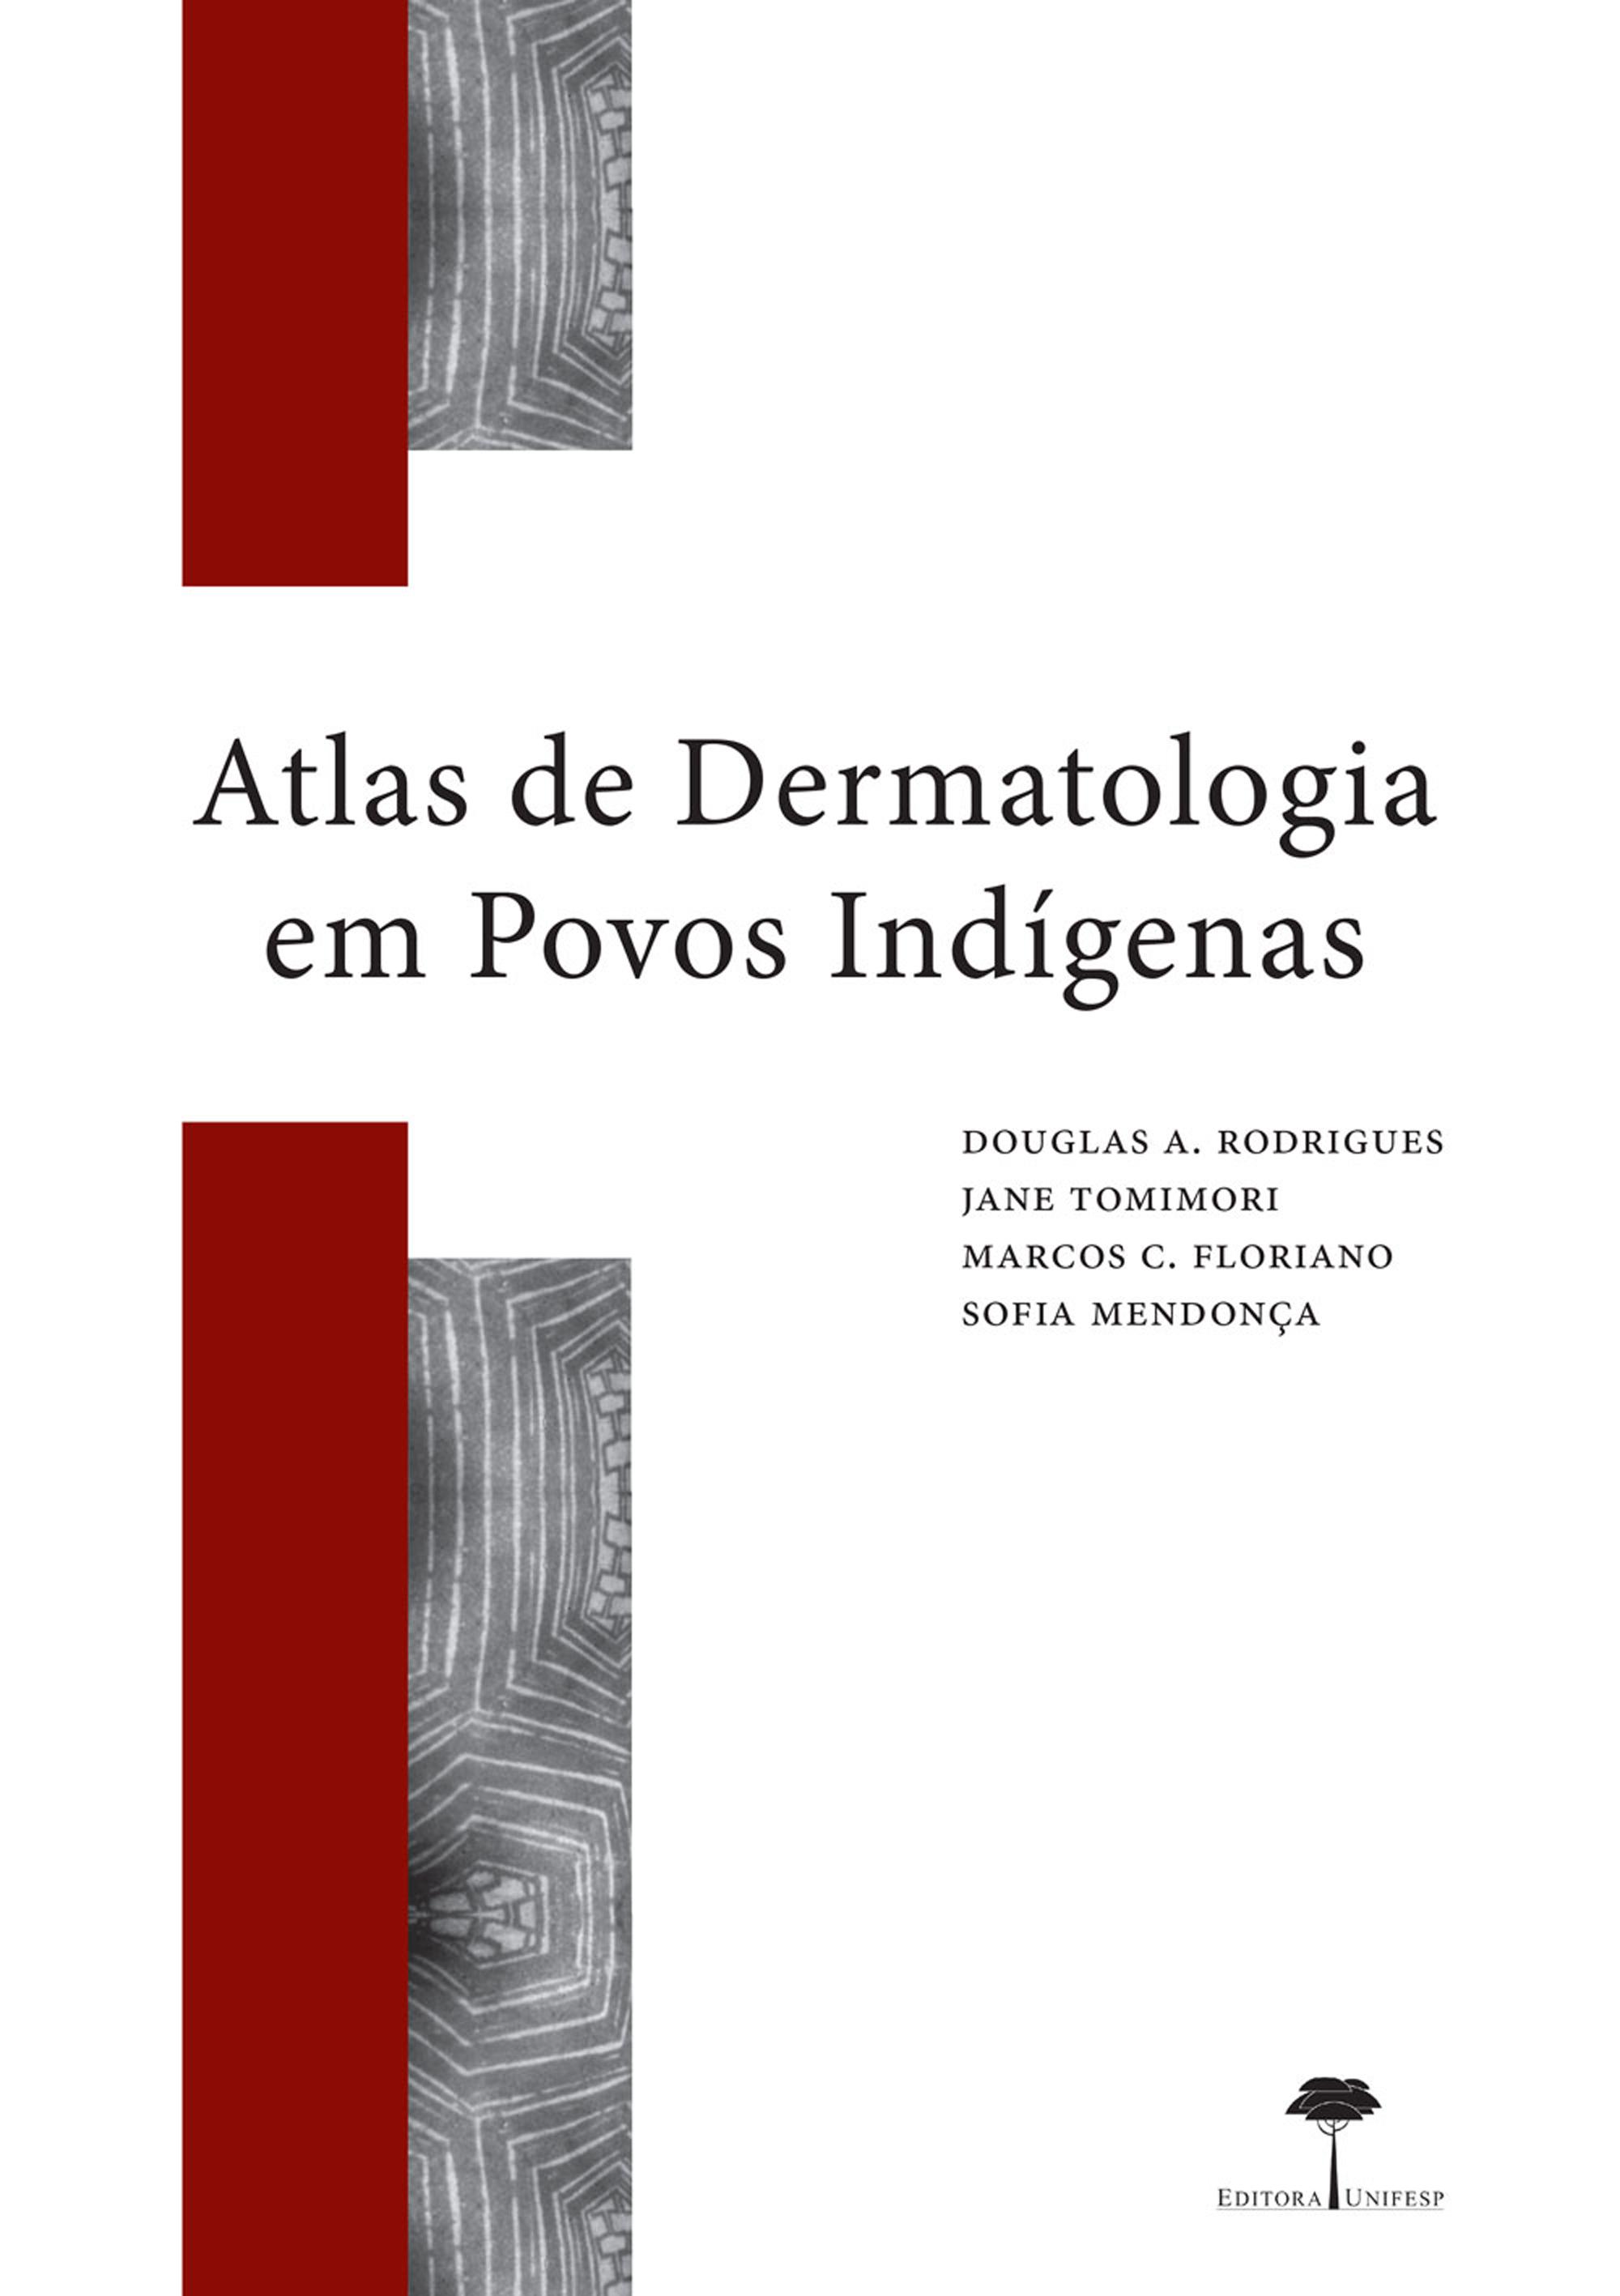 Atlas de dermatologia fotos 34